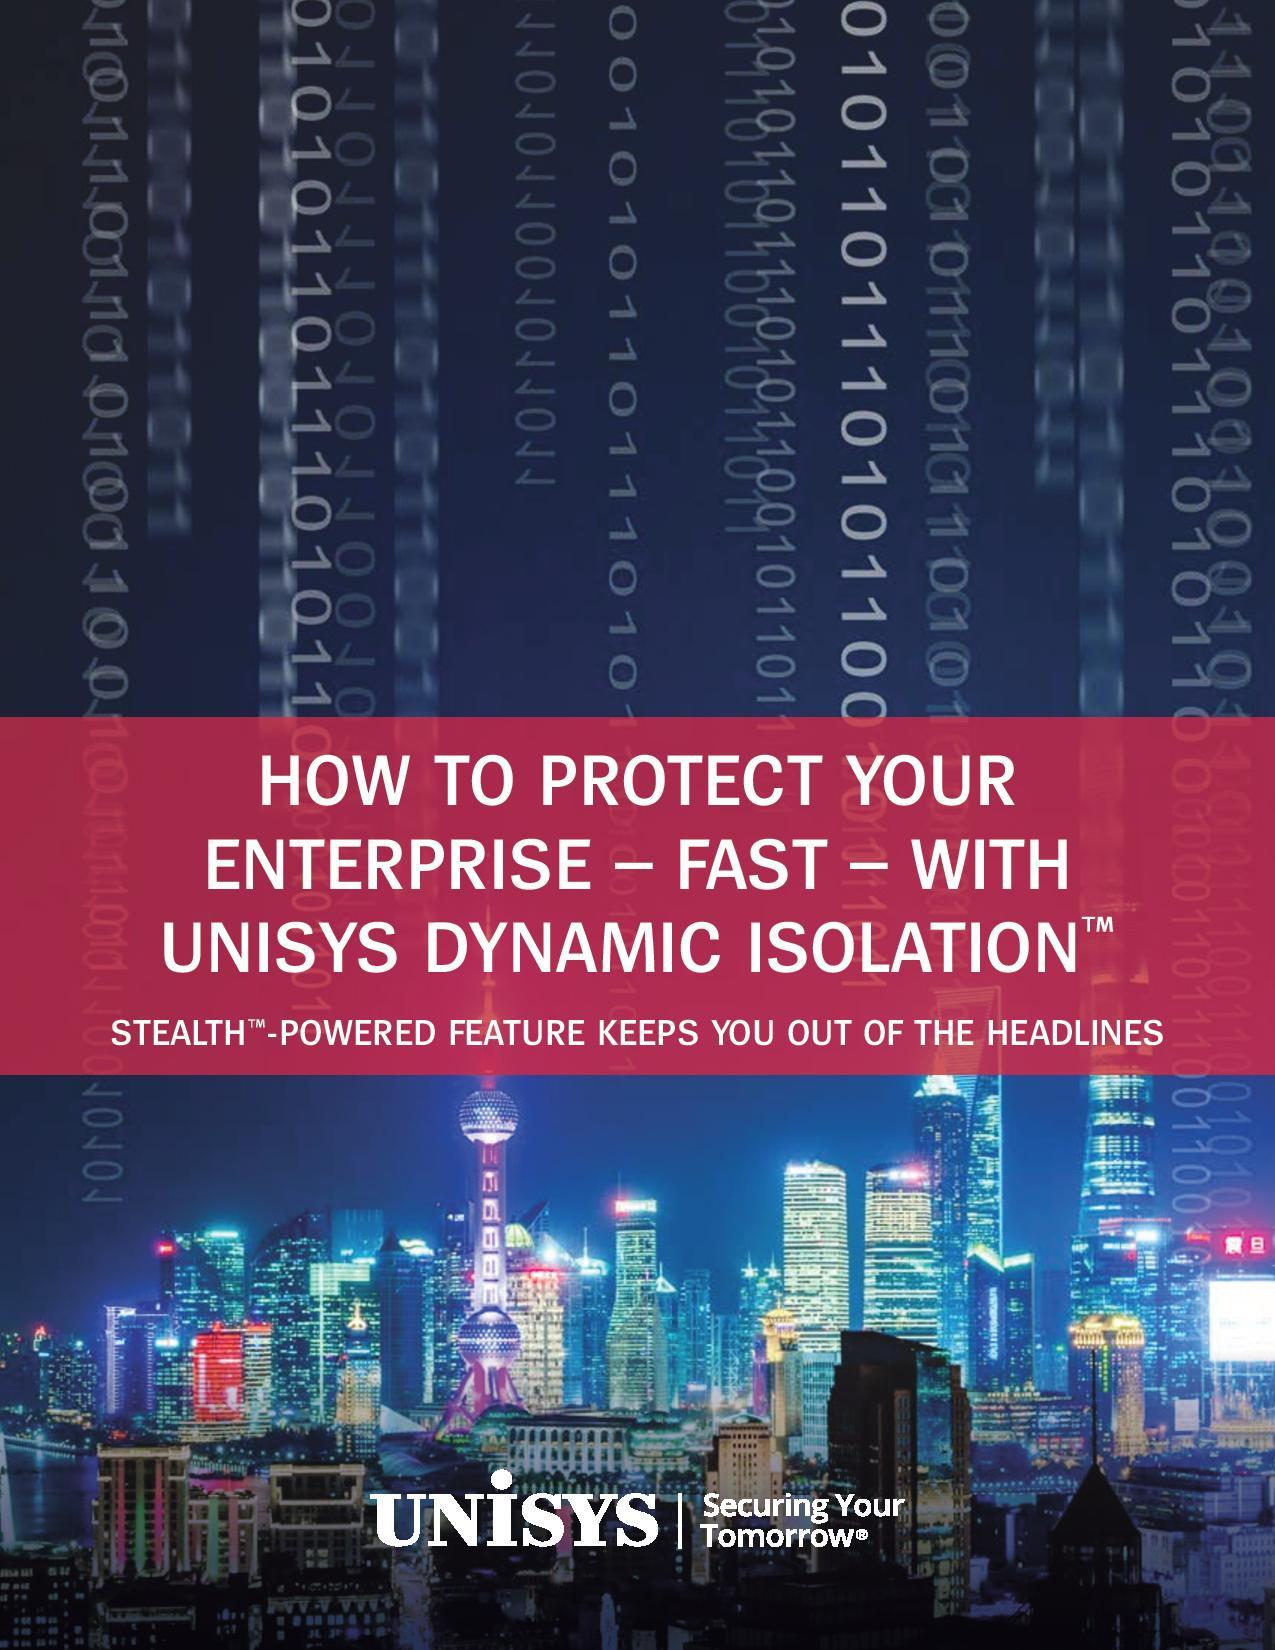 Comment protéger votre entreprise – rapidement et efficacement – pour éviter de faire les gros titres dans la presse à scandale avec la fonctionnalité Isolation dynamique™ Zero Trust d'Unisys™